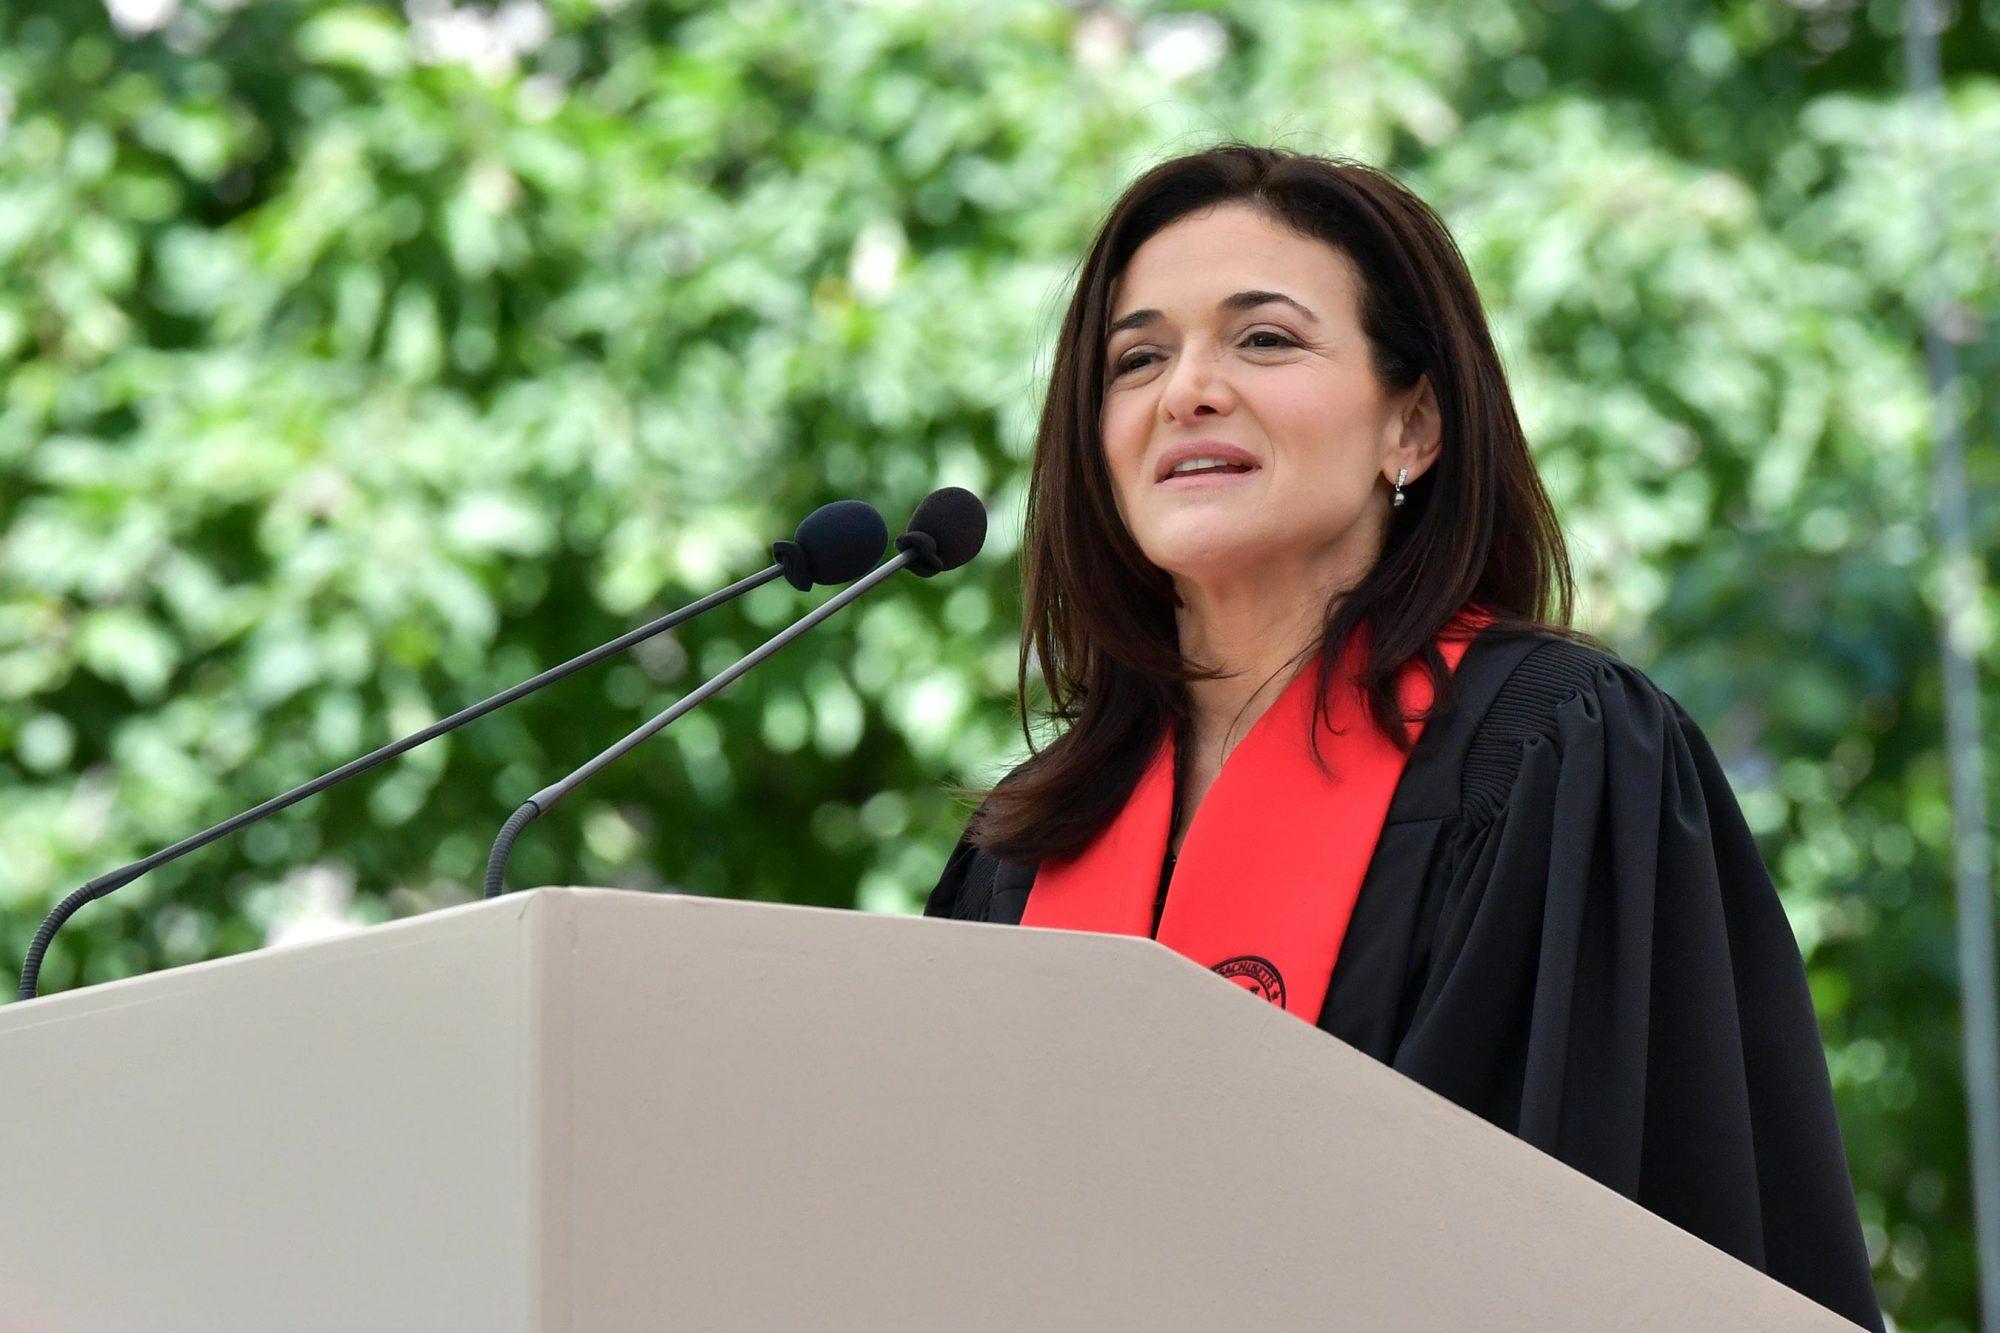 Sheryl Sandberg Delivers MIT Commencement Address